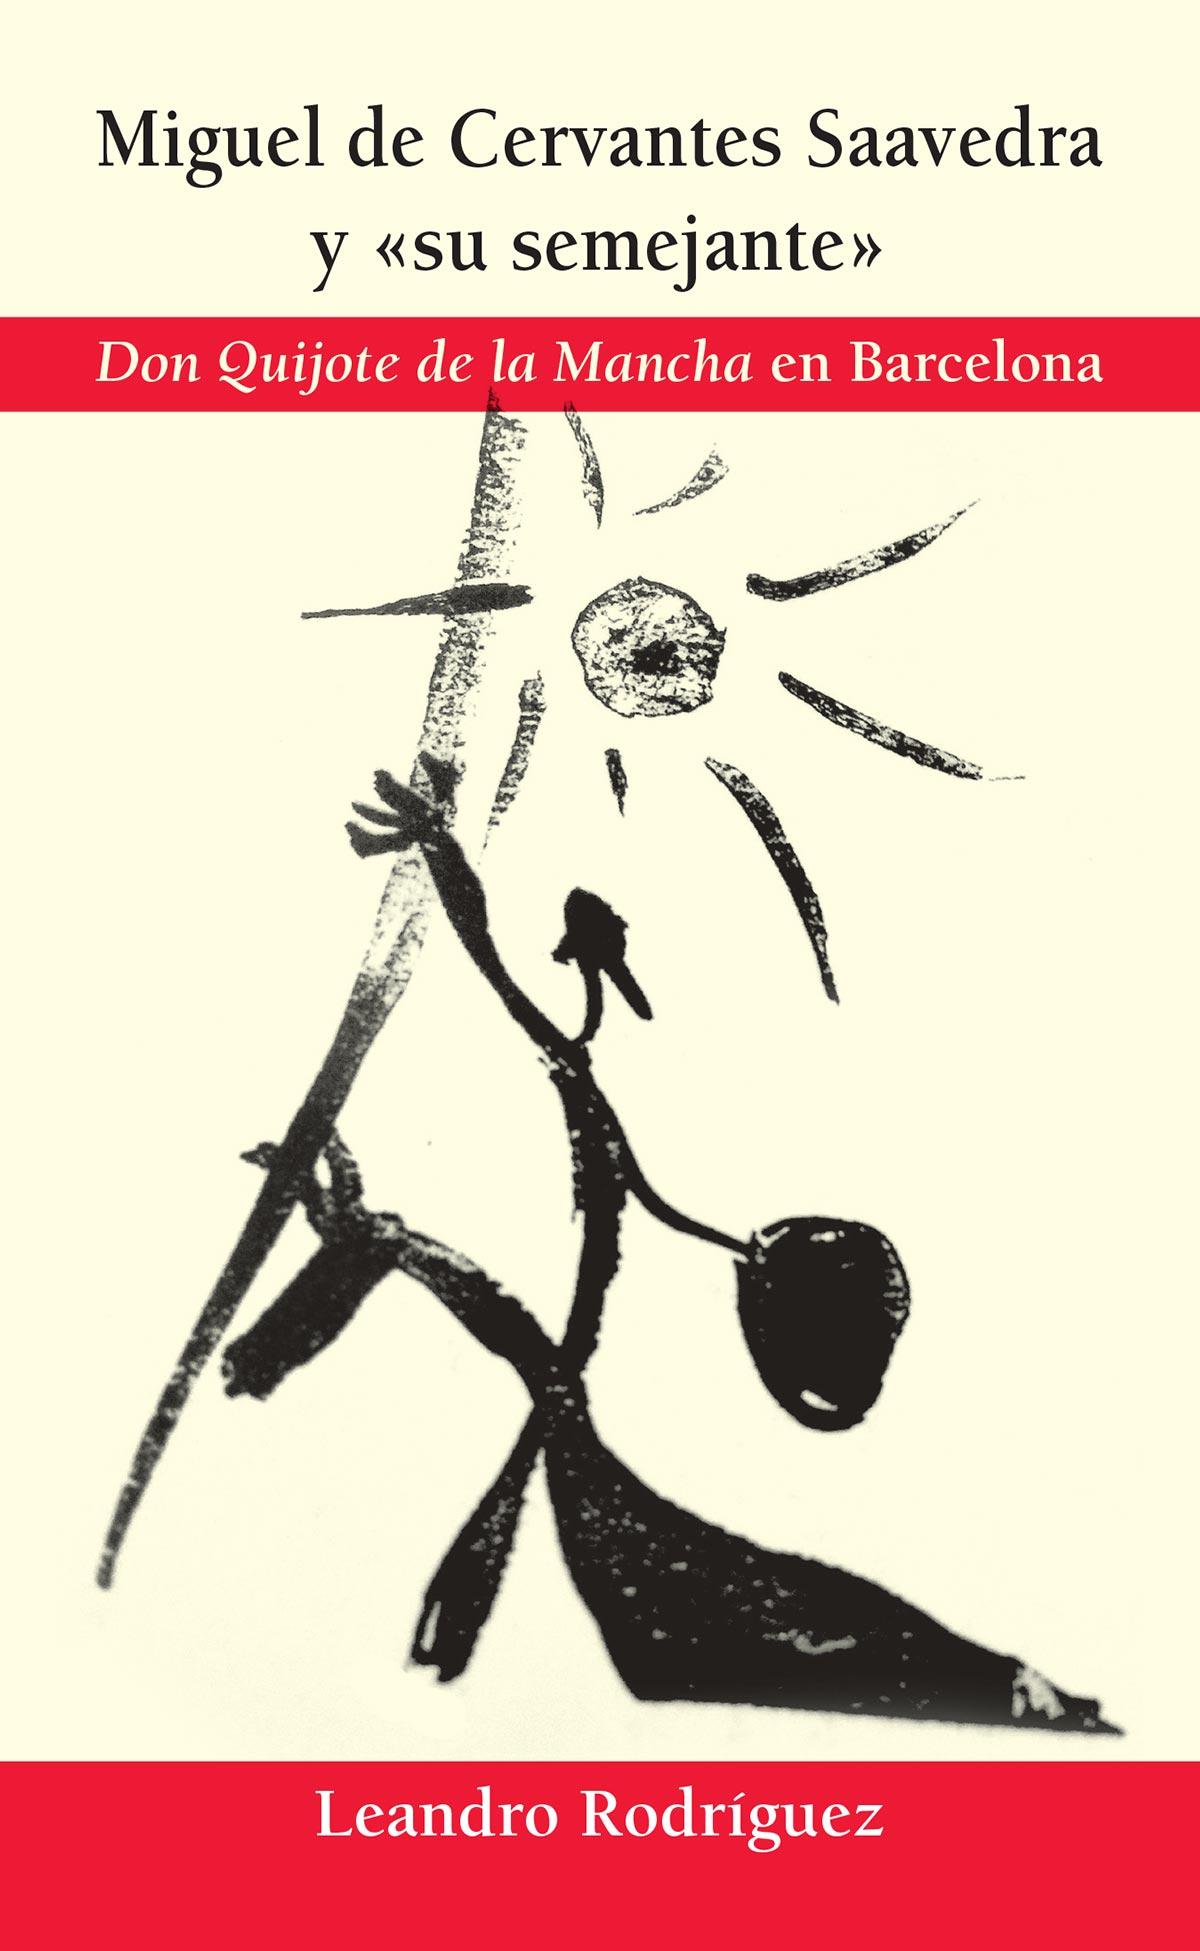 Miguel de cervantes saavedra semejante Don Quijote Mancha Barcelona Leandro Rodriguez Editorial Semuret